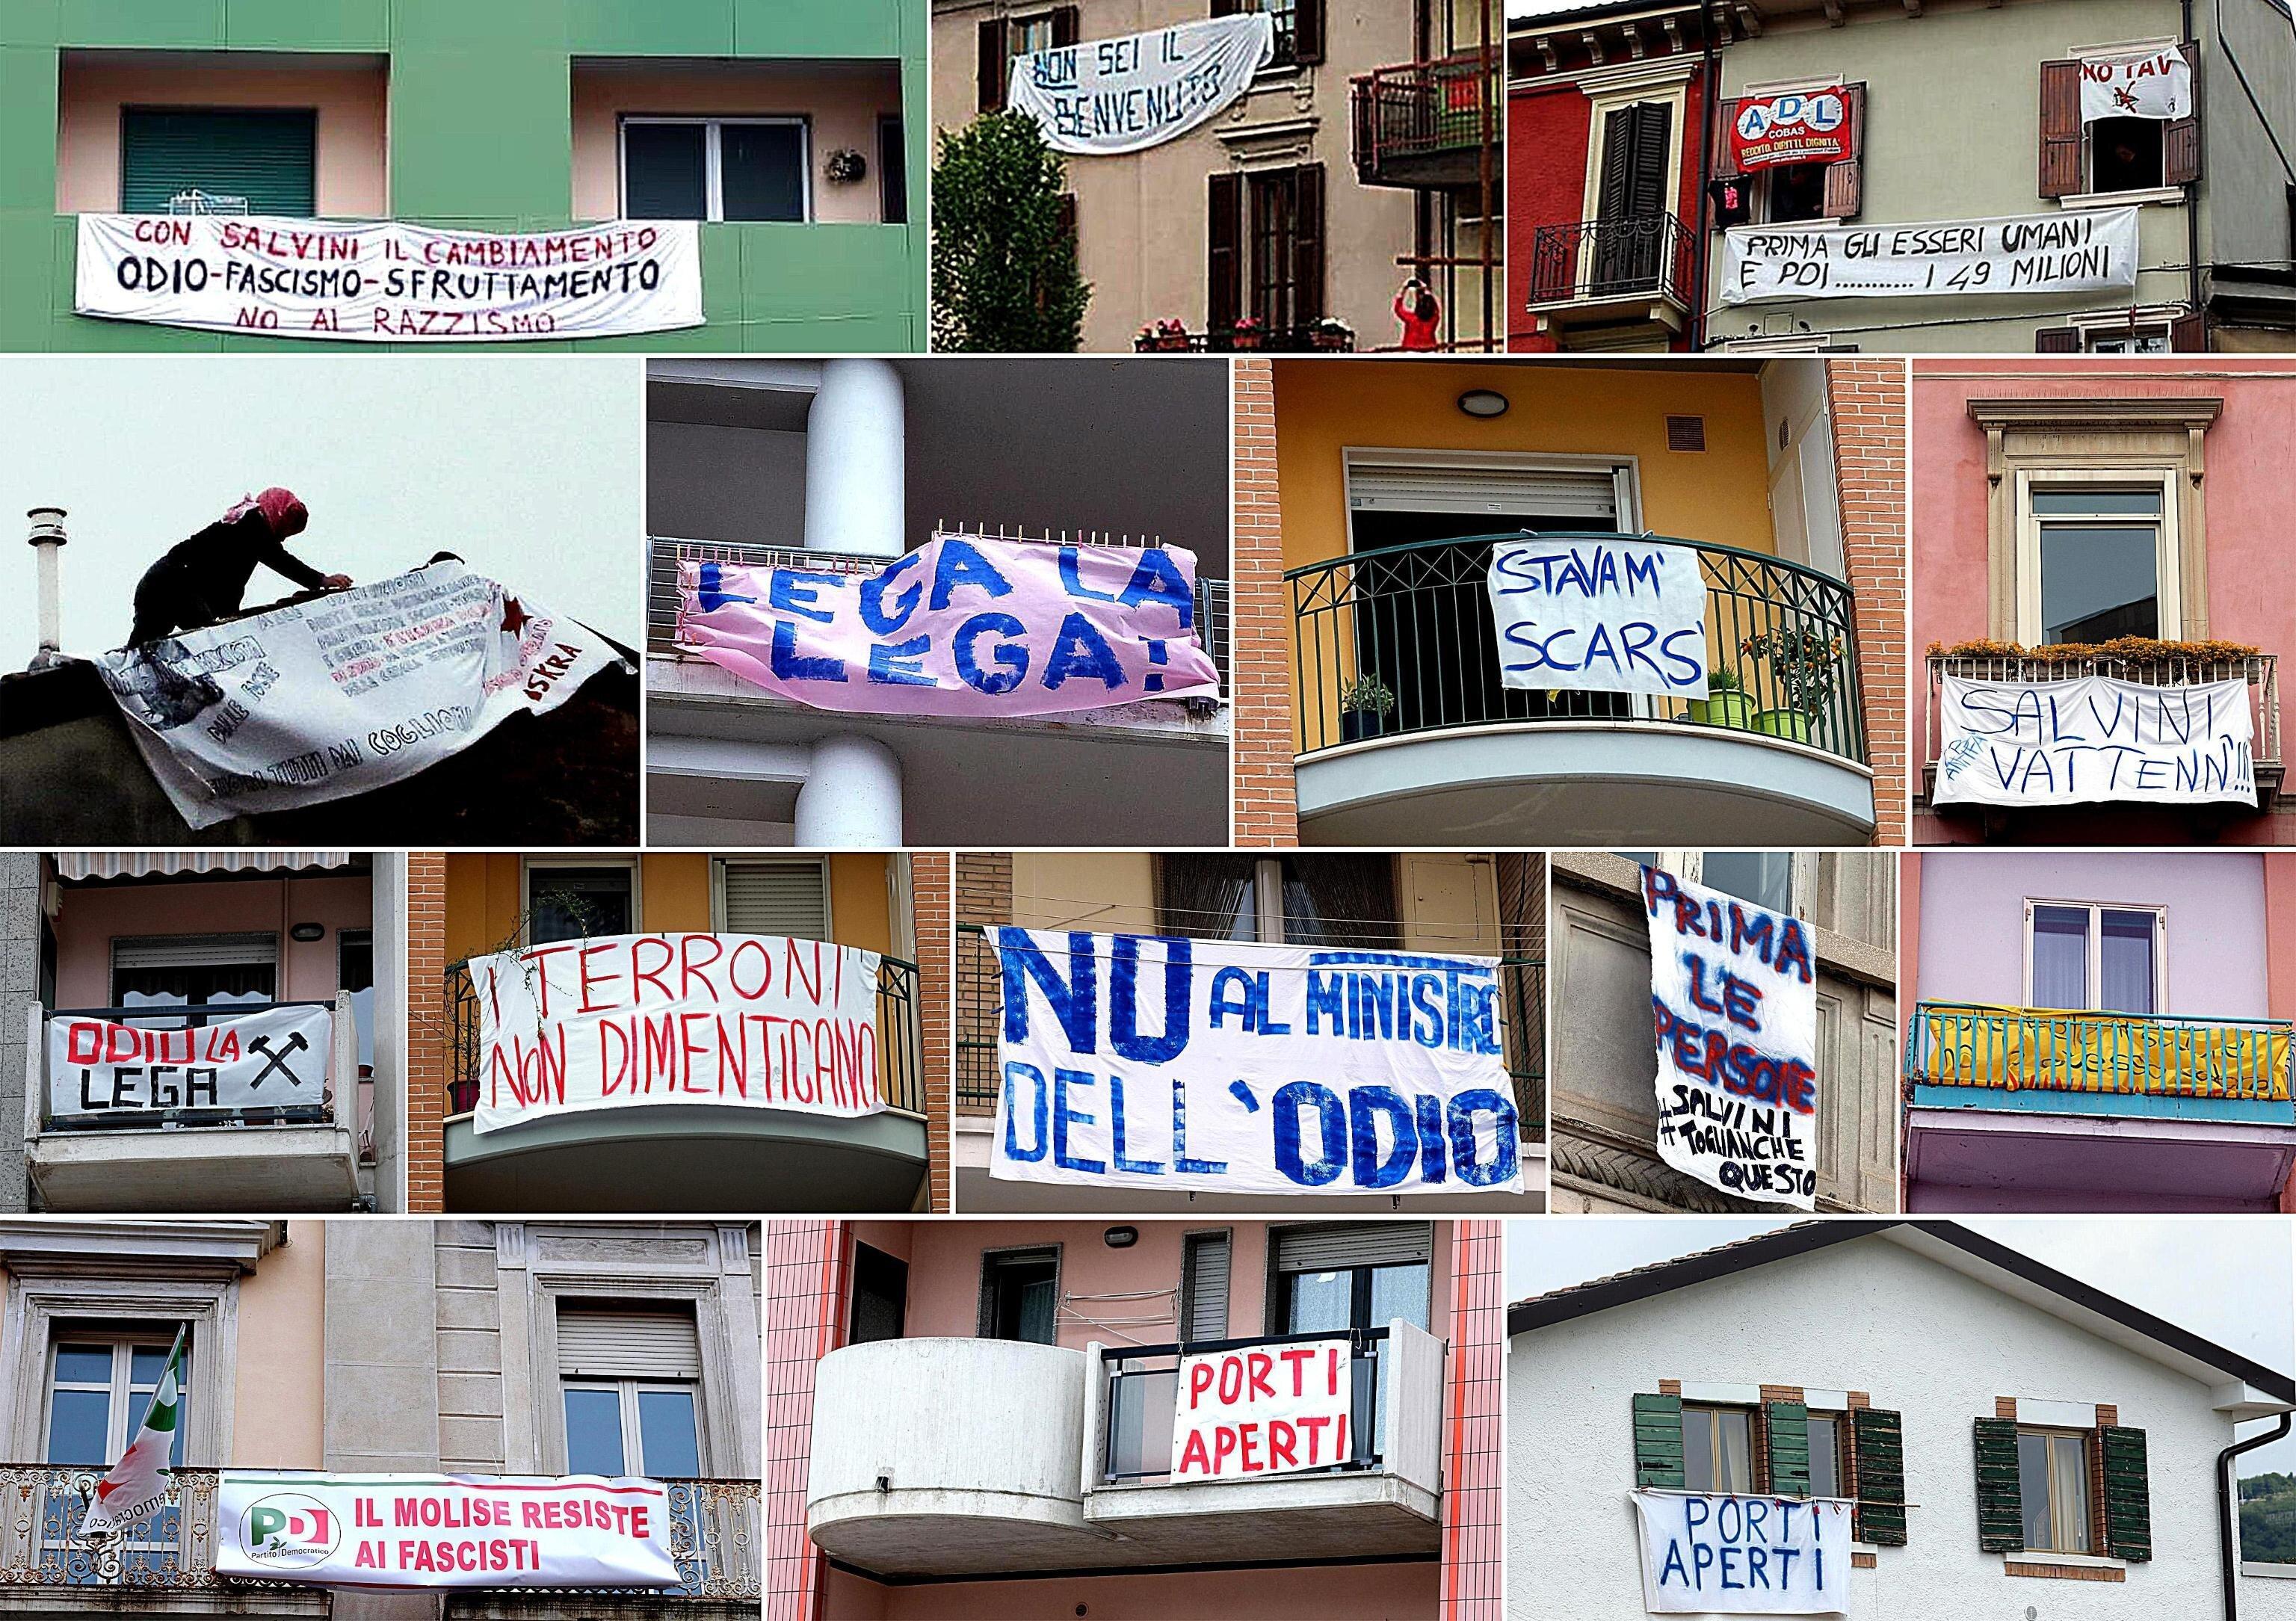 #Salvinitoglianchequesti, piccoli striscioni crescono (di